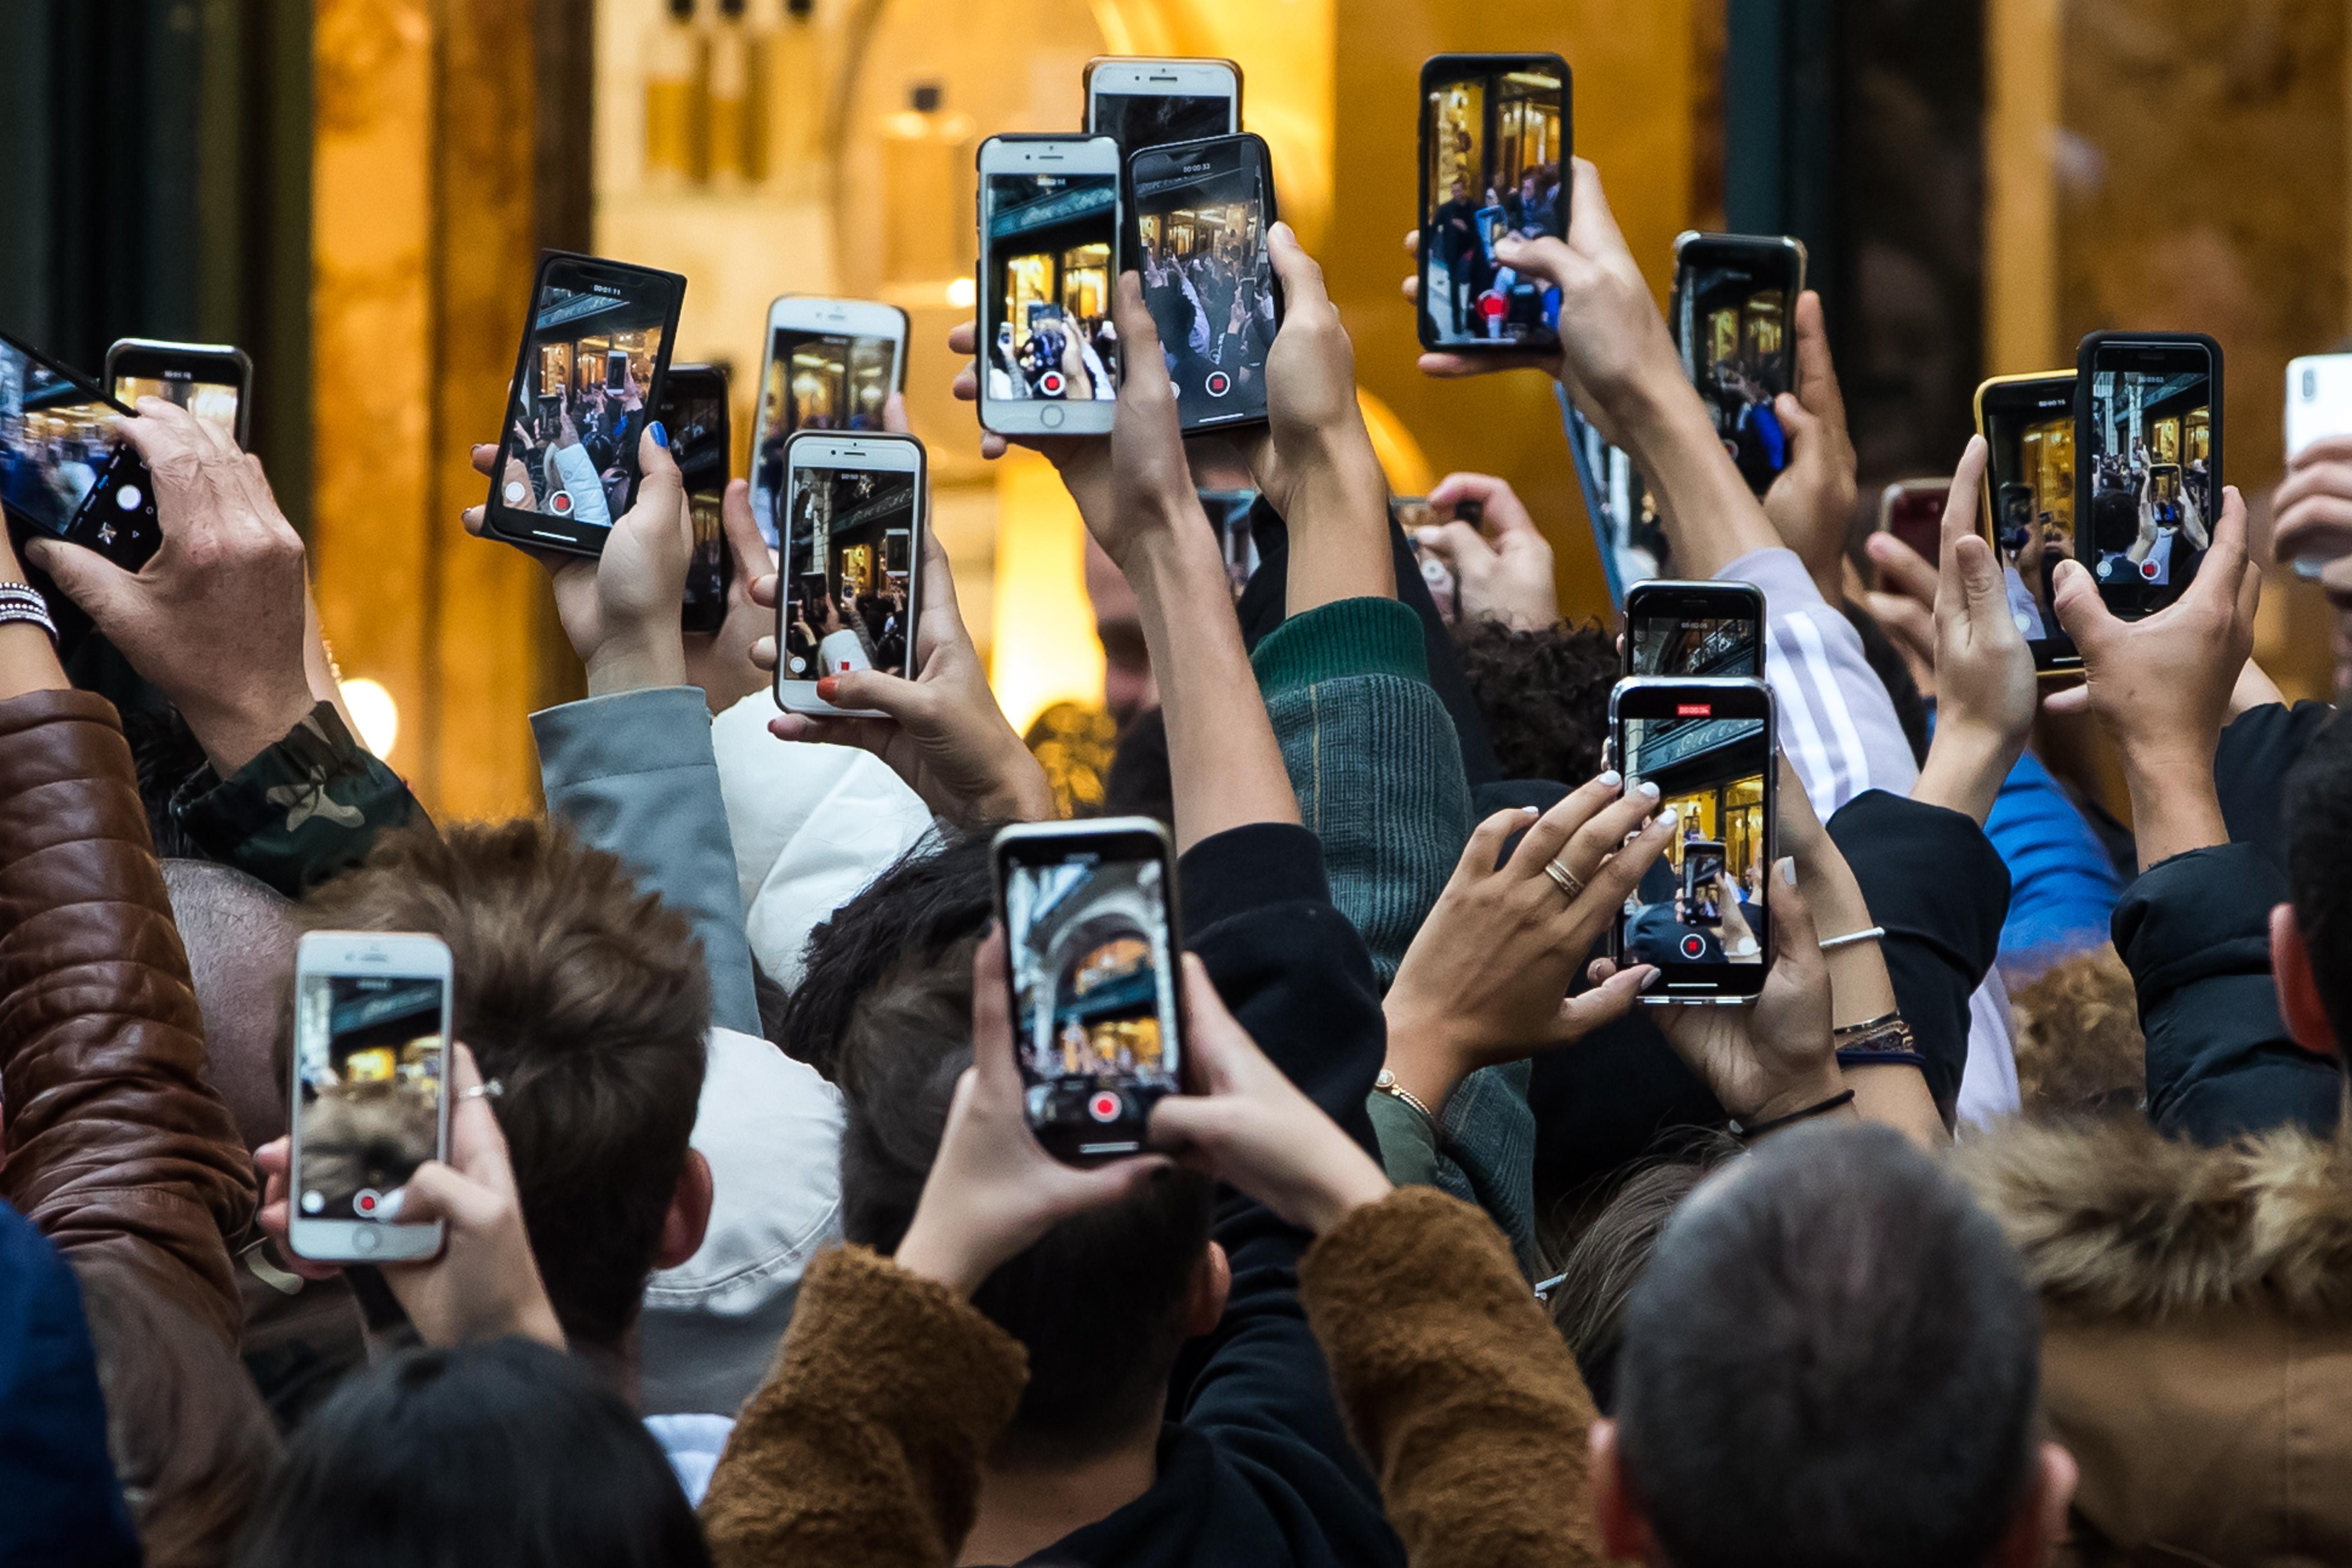 Stiftung Warentest: Das ist der beste Handy-Hersteller thumbnail